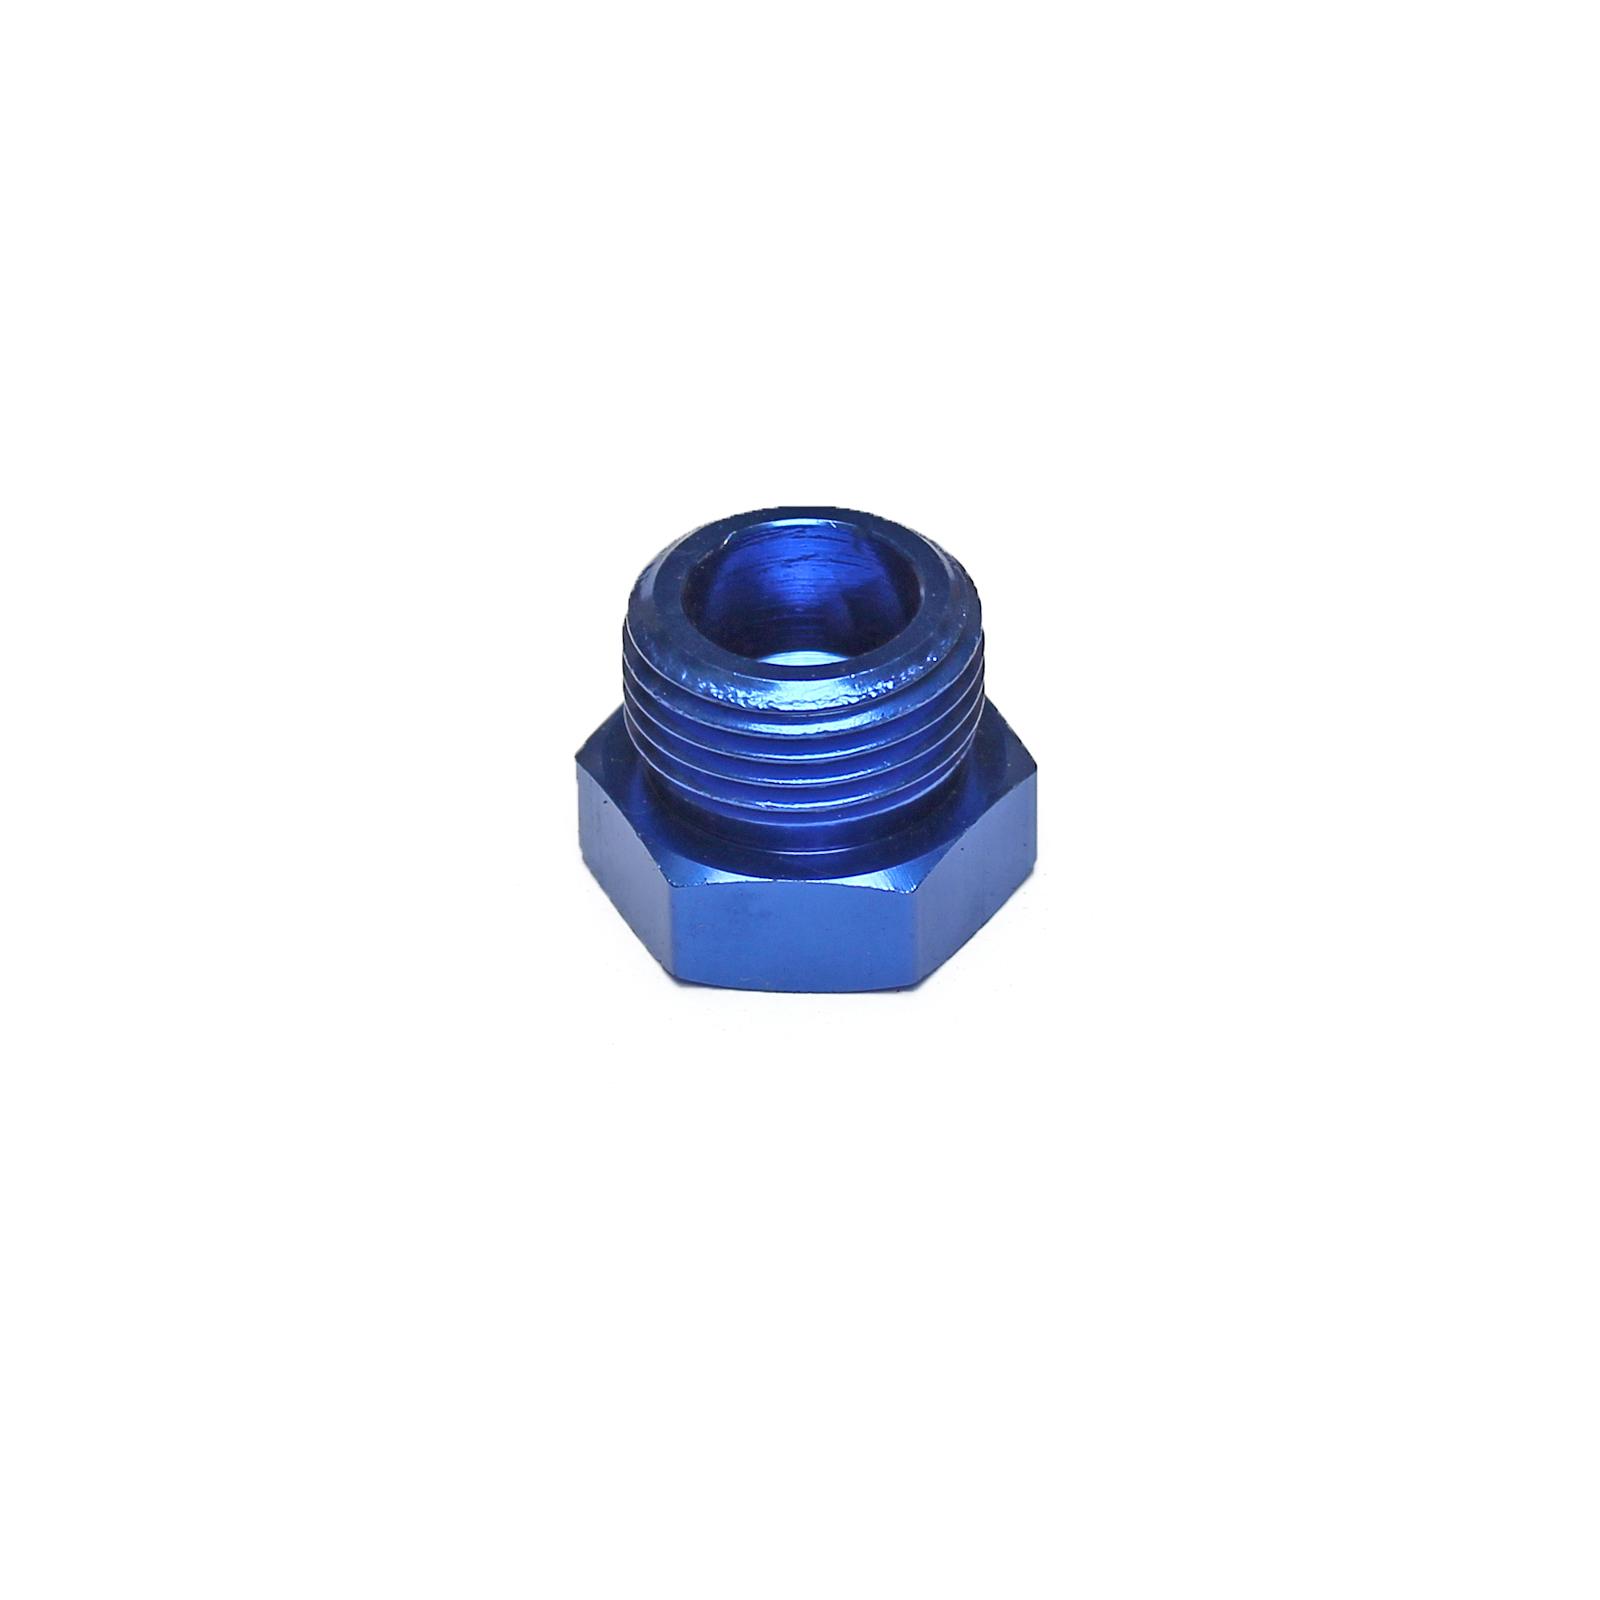 Aluminum Orb Port Plug -8 AN